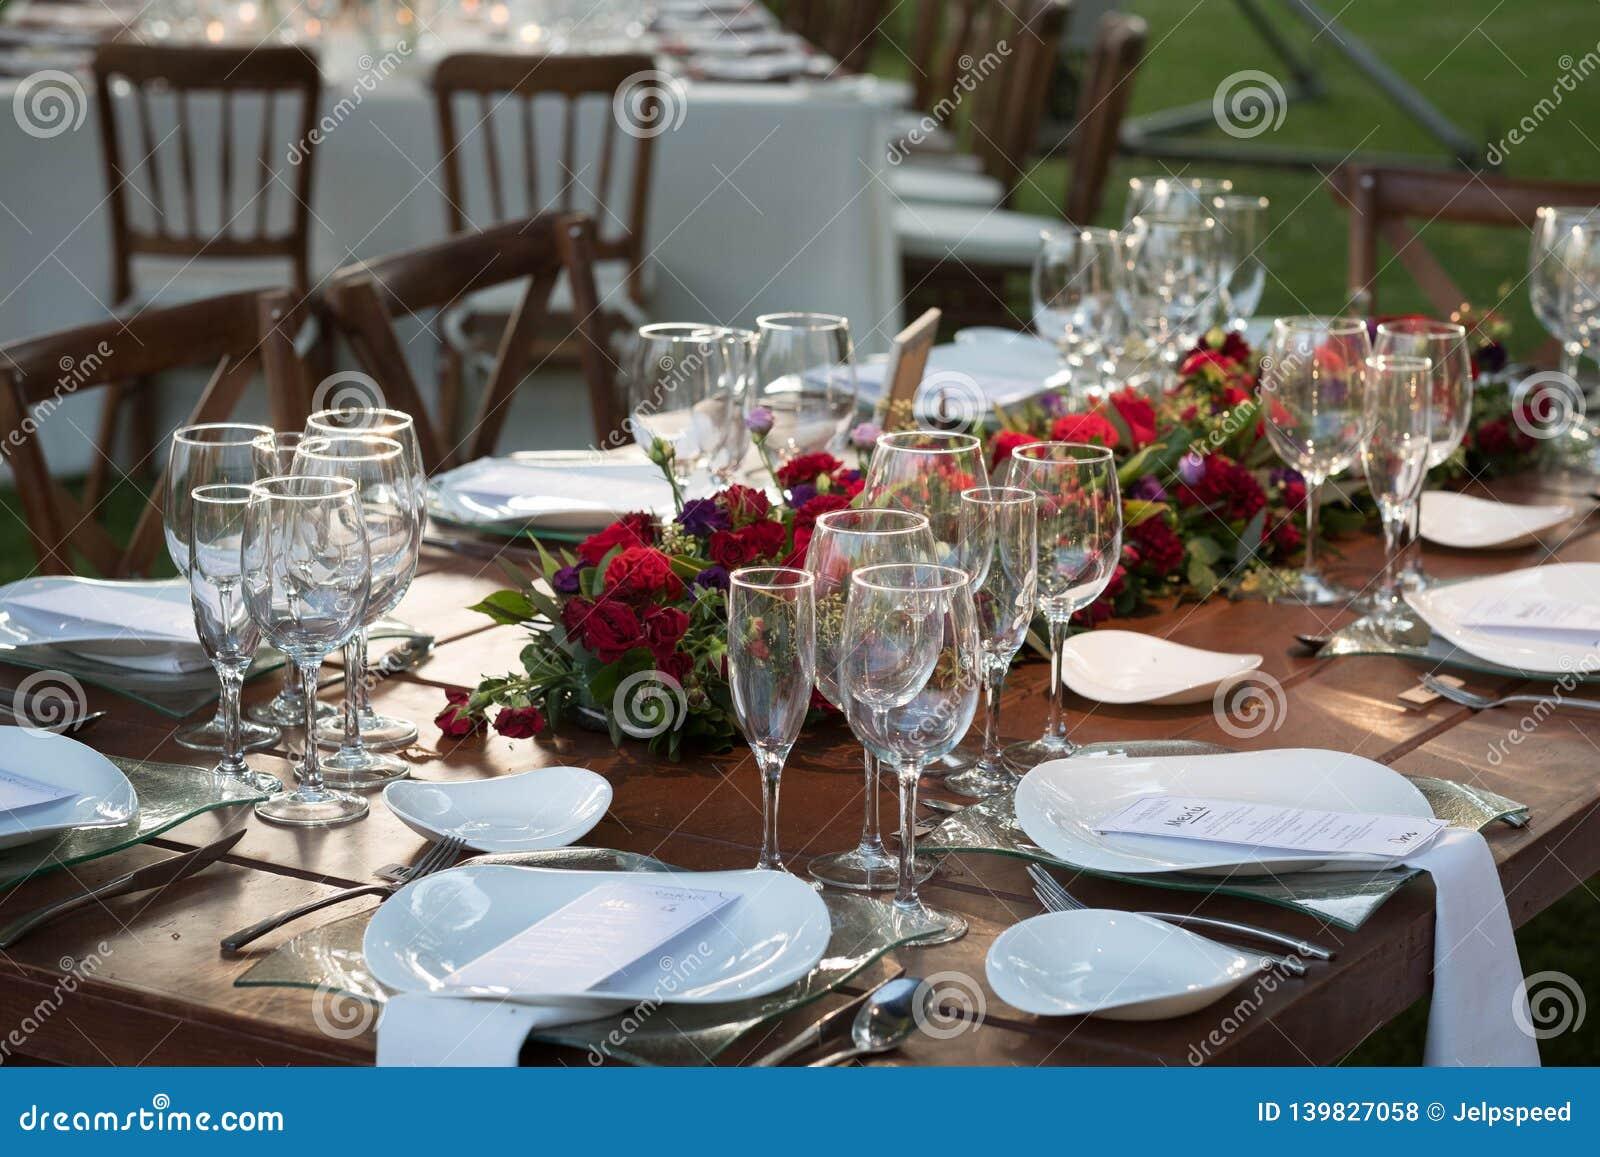 Elegancka ogrodowa ślubna centerpiece dekoracja z naturalnymi kwiatami i różami